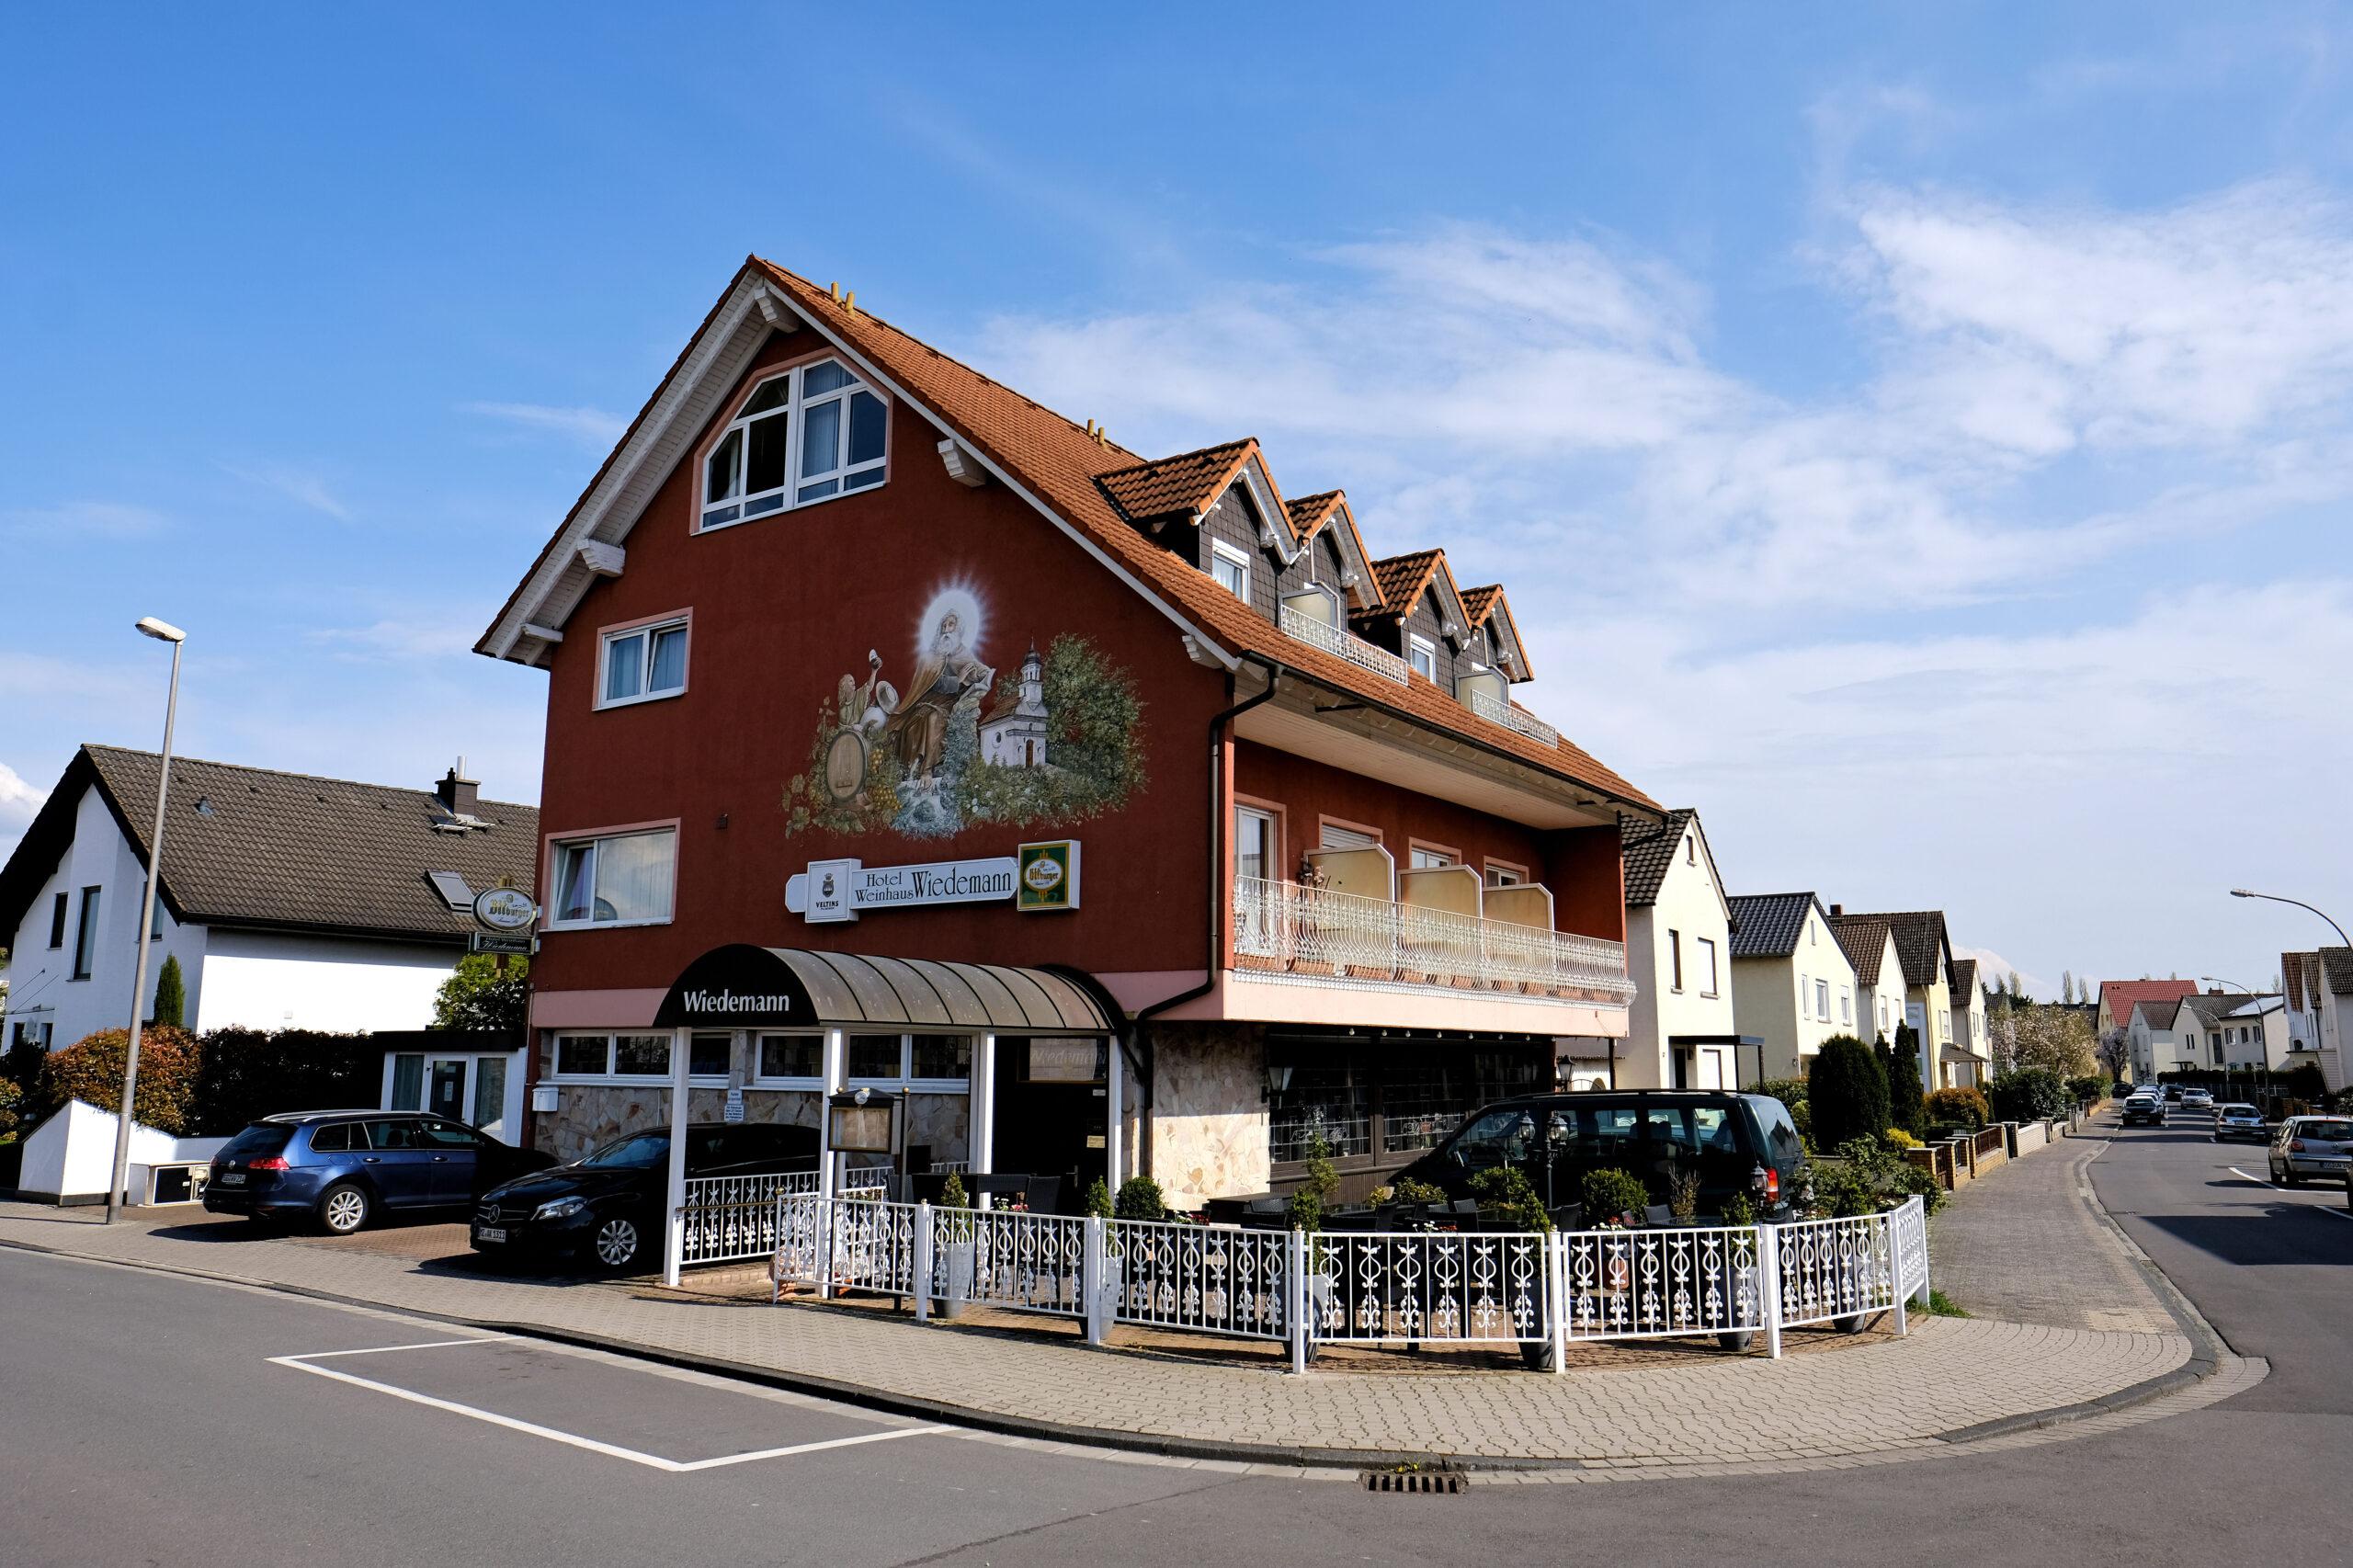 Außenansicht des Hotels mit Parkplatz und Biergarten